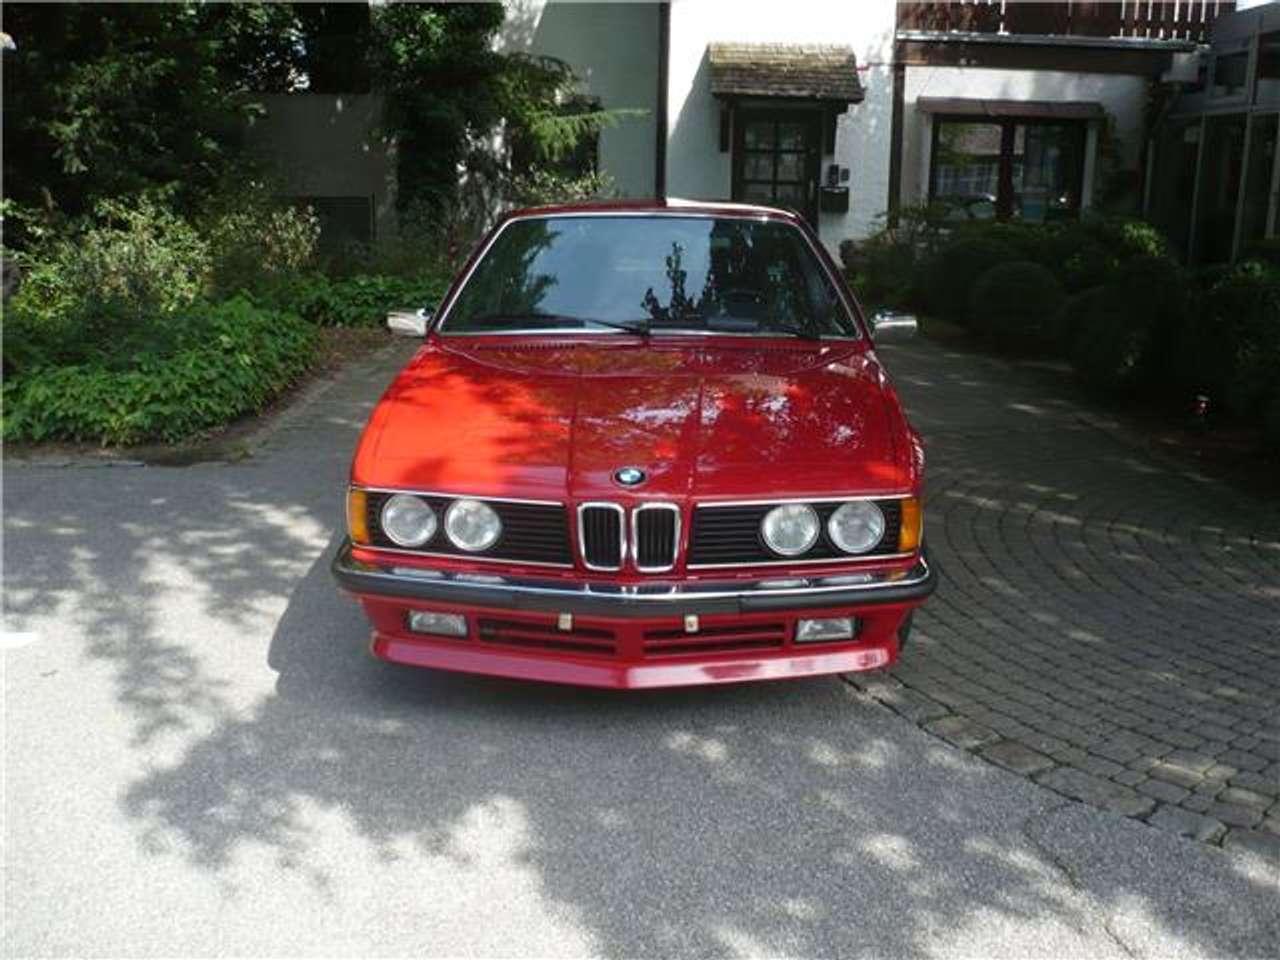 Першому власнику рестайлінговий BMW 635 CSi доставили у січні 1985 року